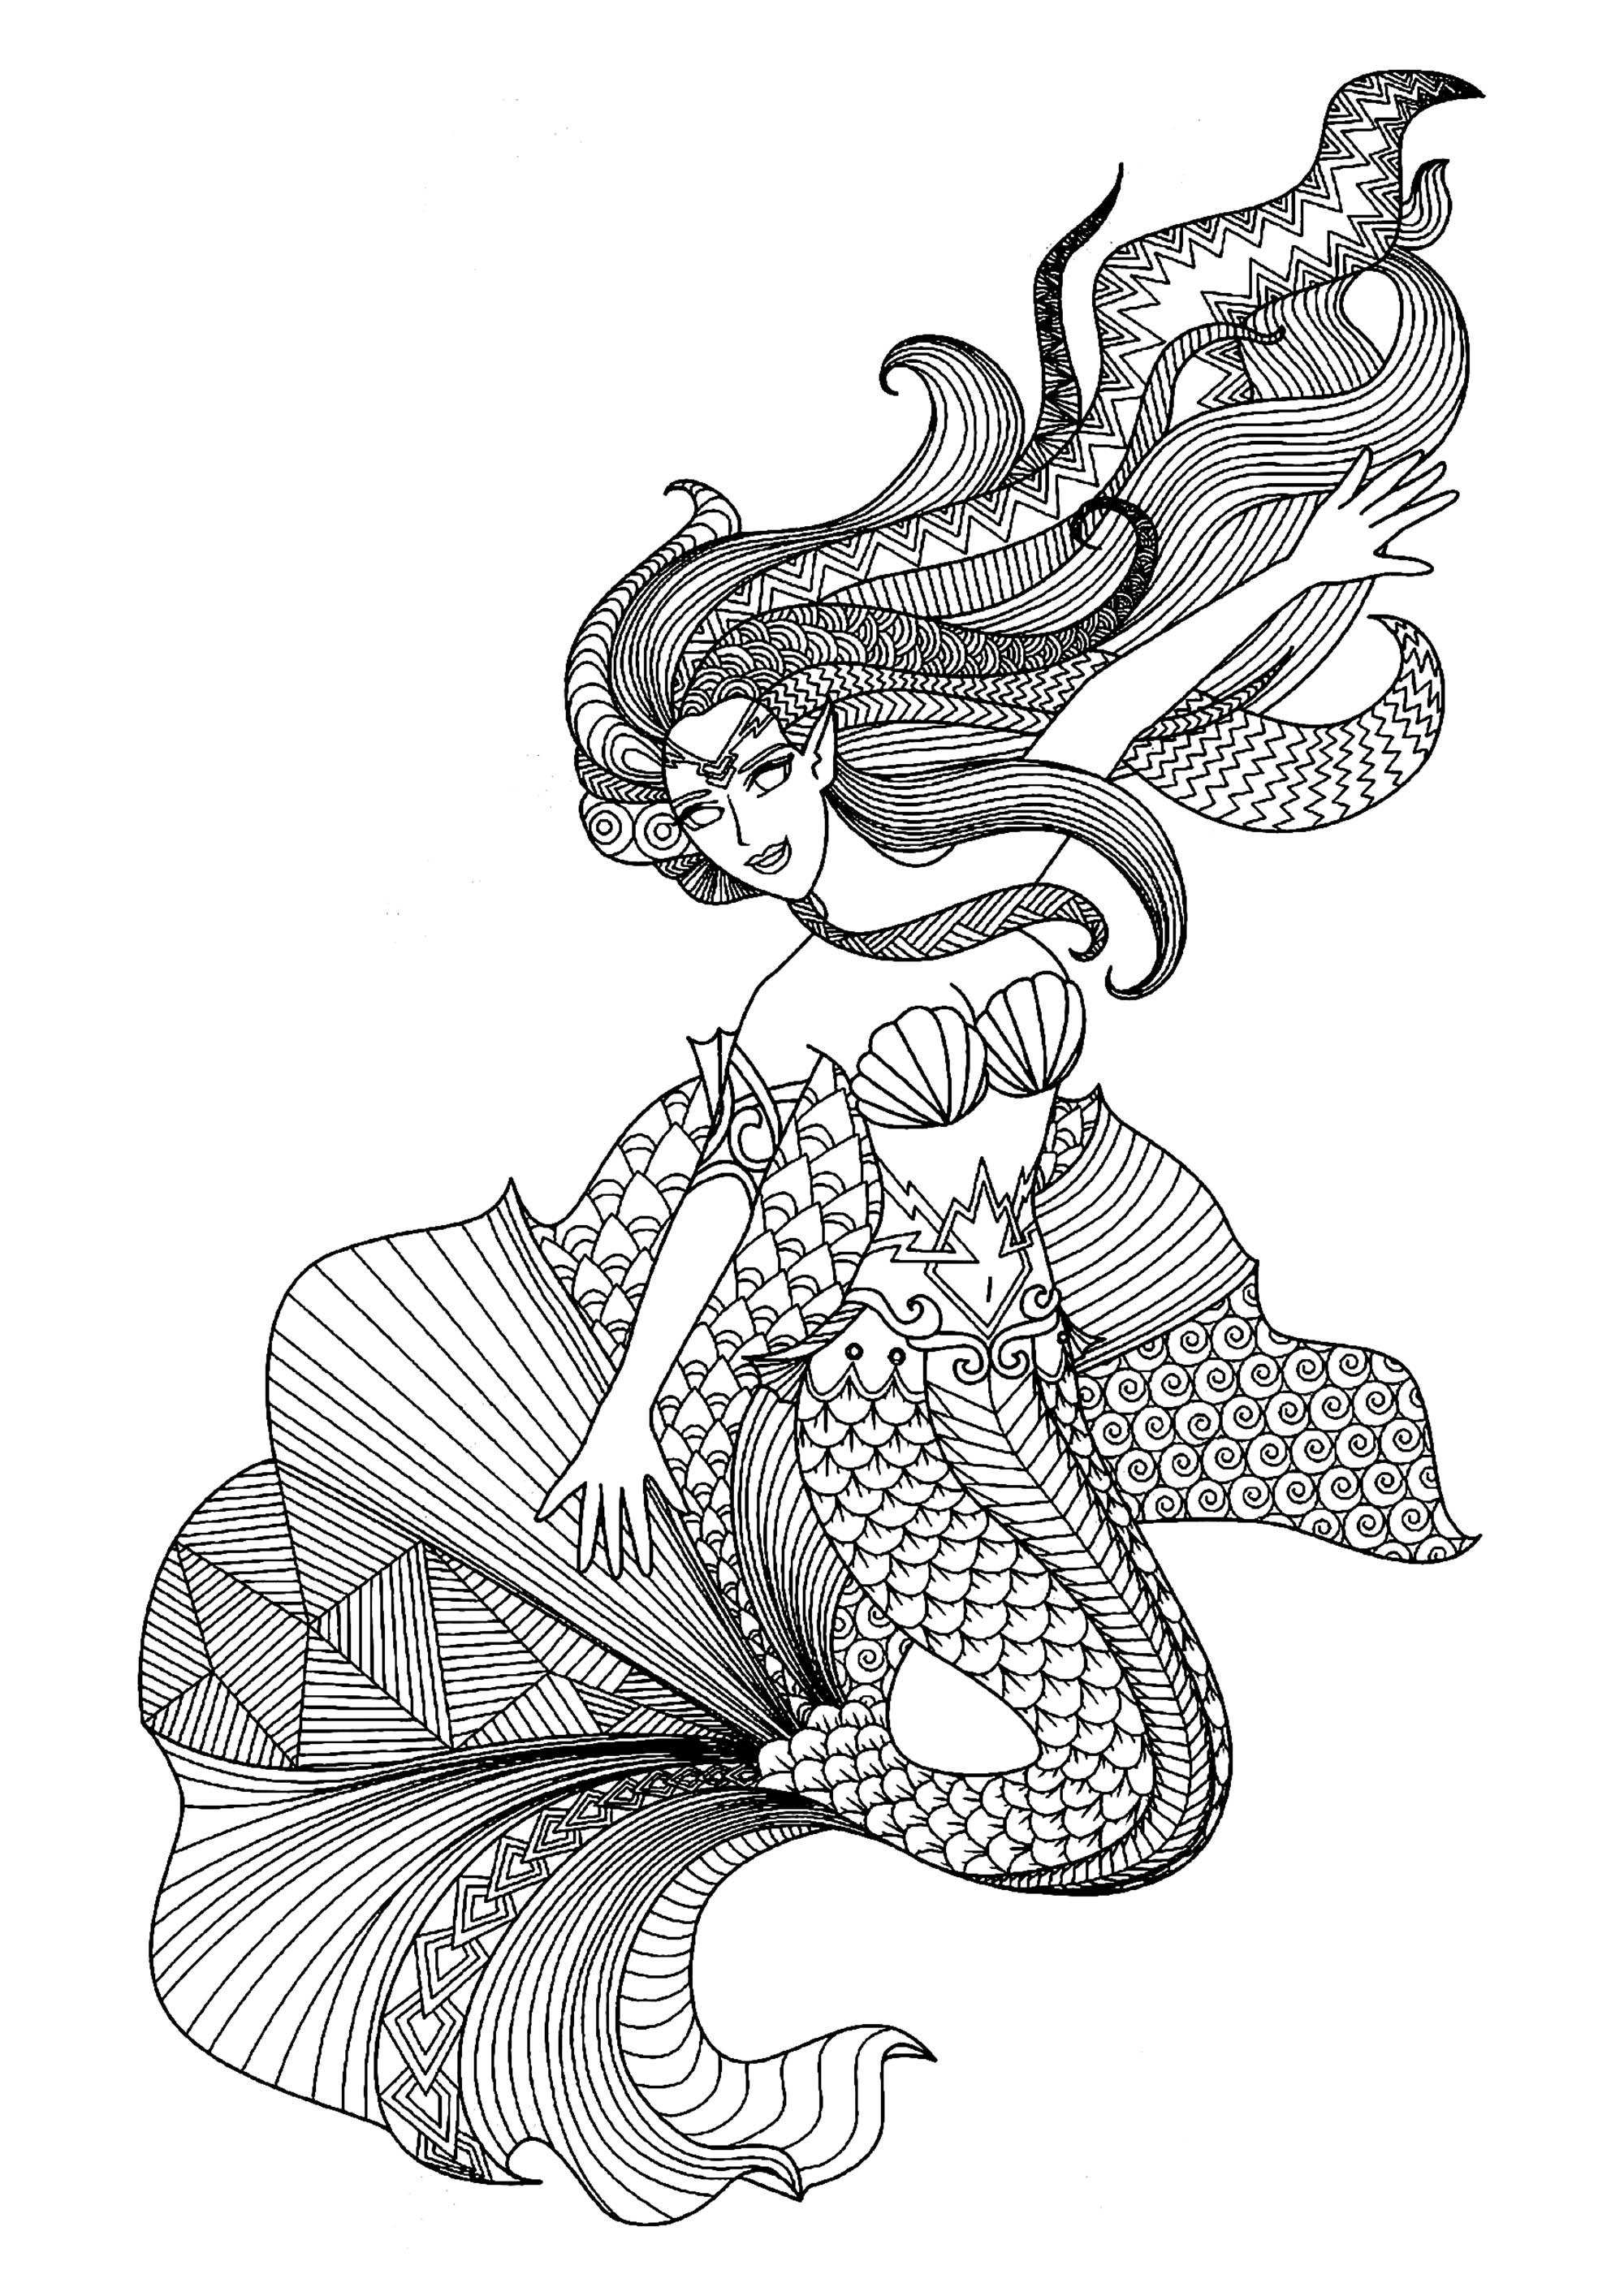 Magnifique sirène avec motifs variés et complexes